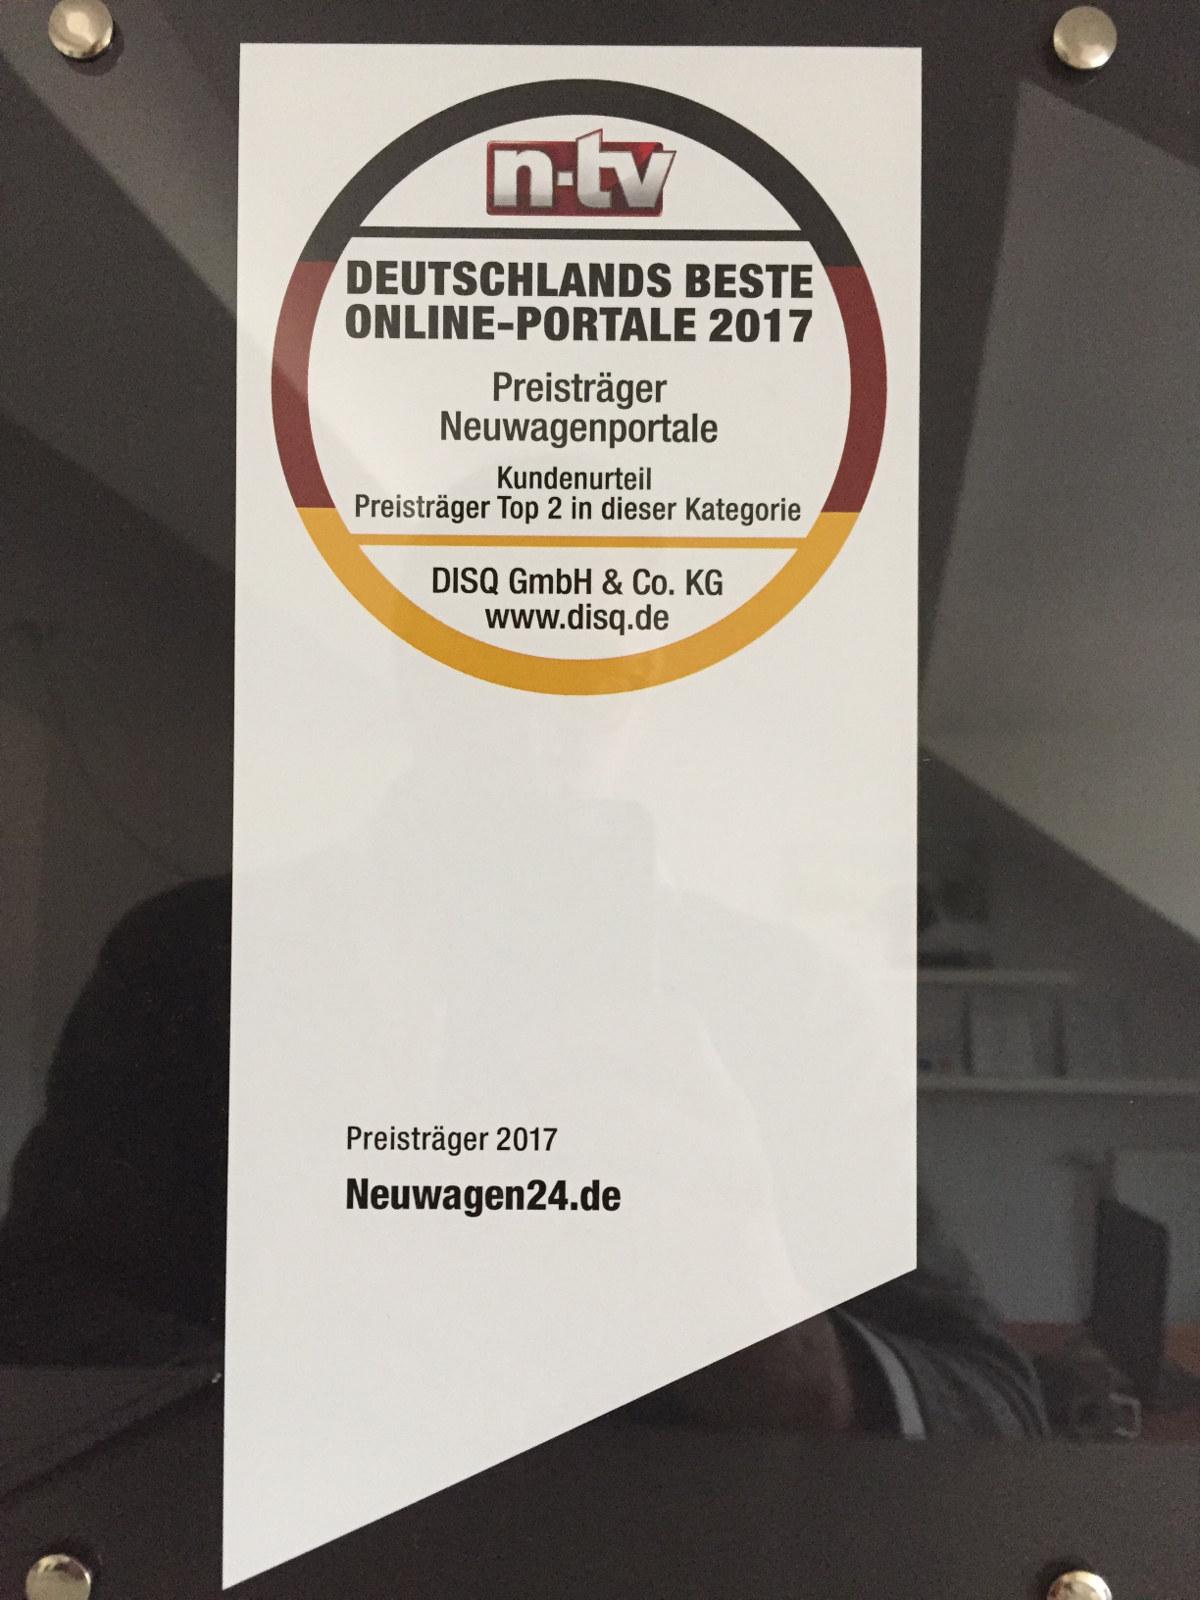 neuwagen24.de